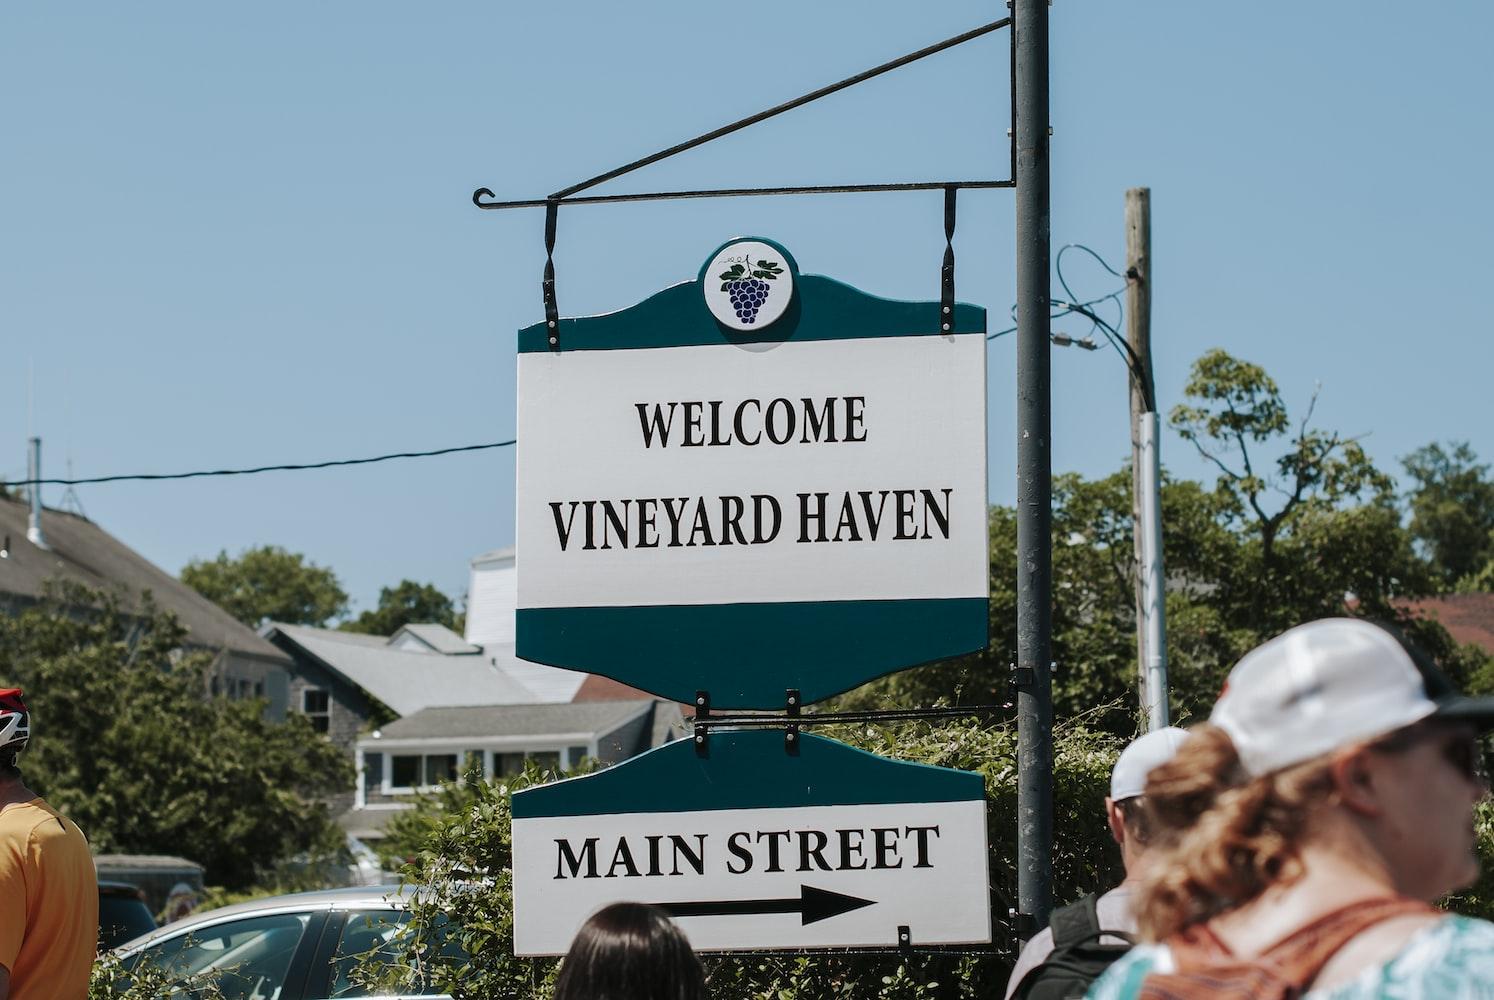 Vineyard Haven